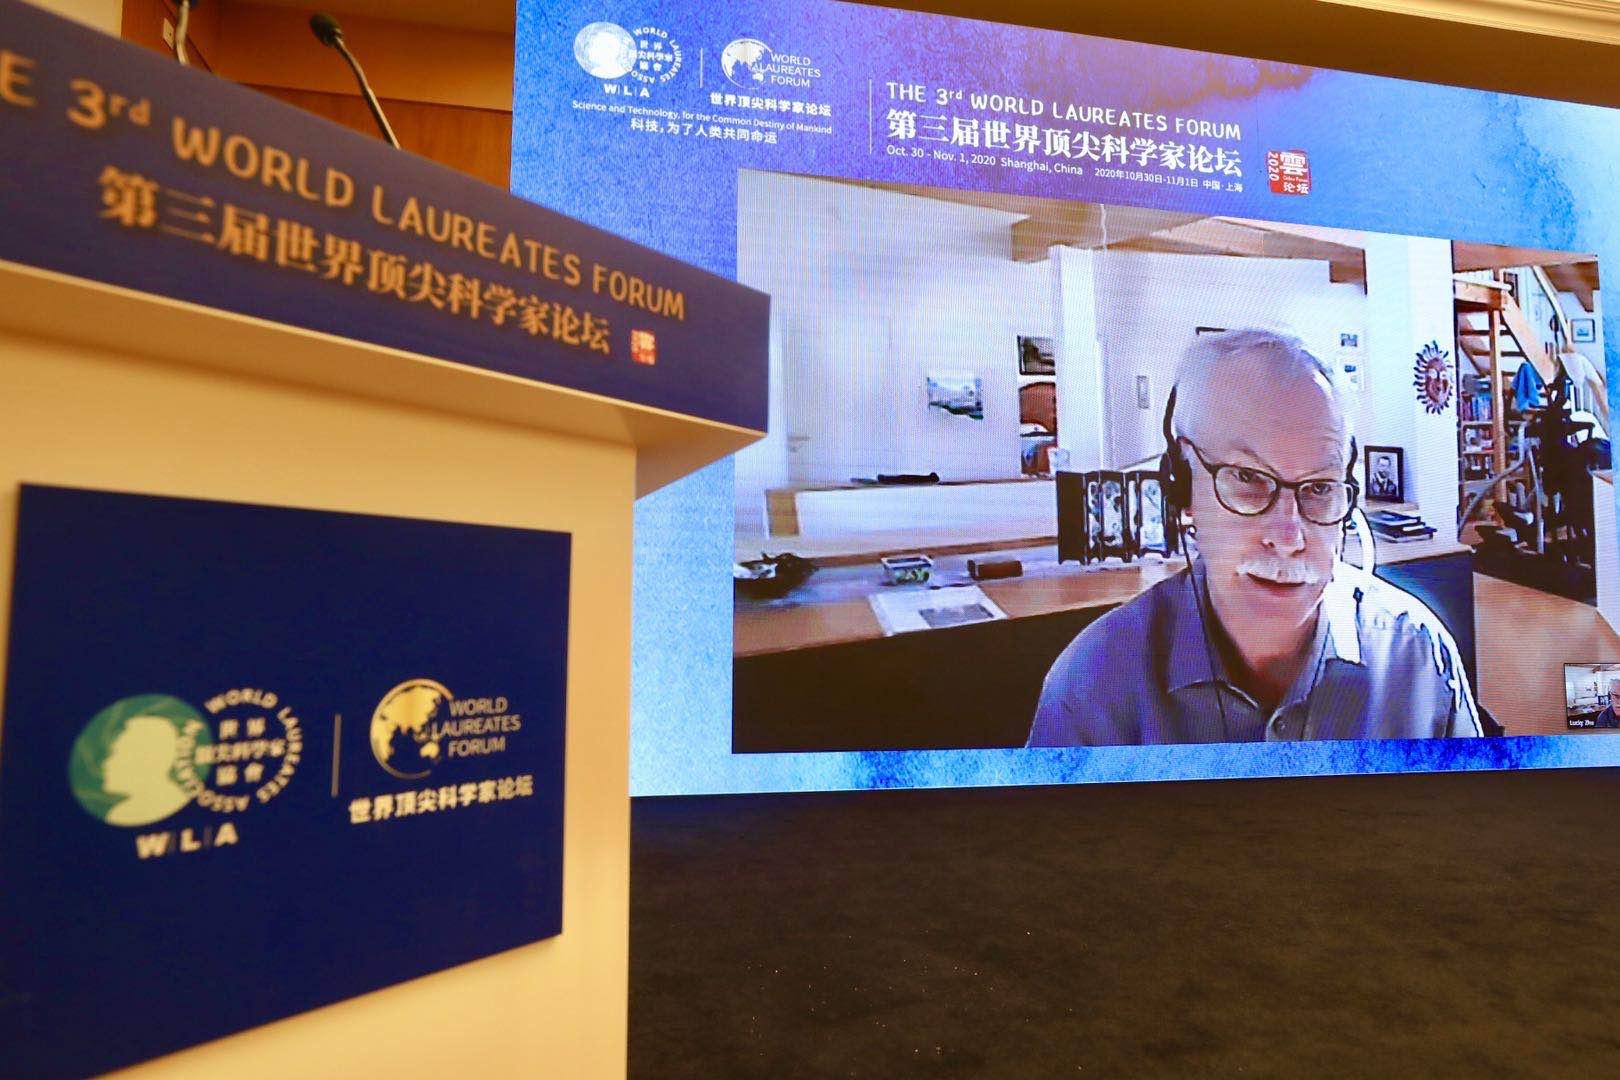 世界顶尖科学家论坛 | 2011年拉斯克基础医学奖得主哈特尔:跨学科不要盲目!先找问题,再找合作者